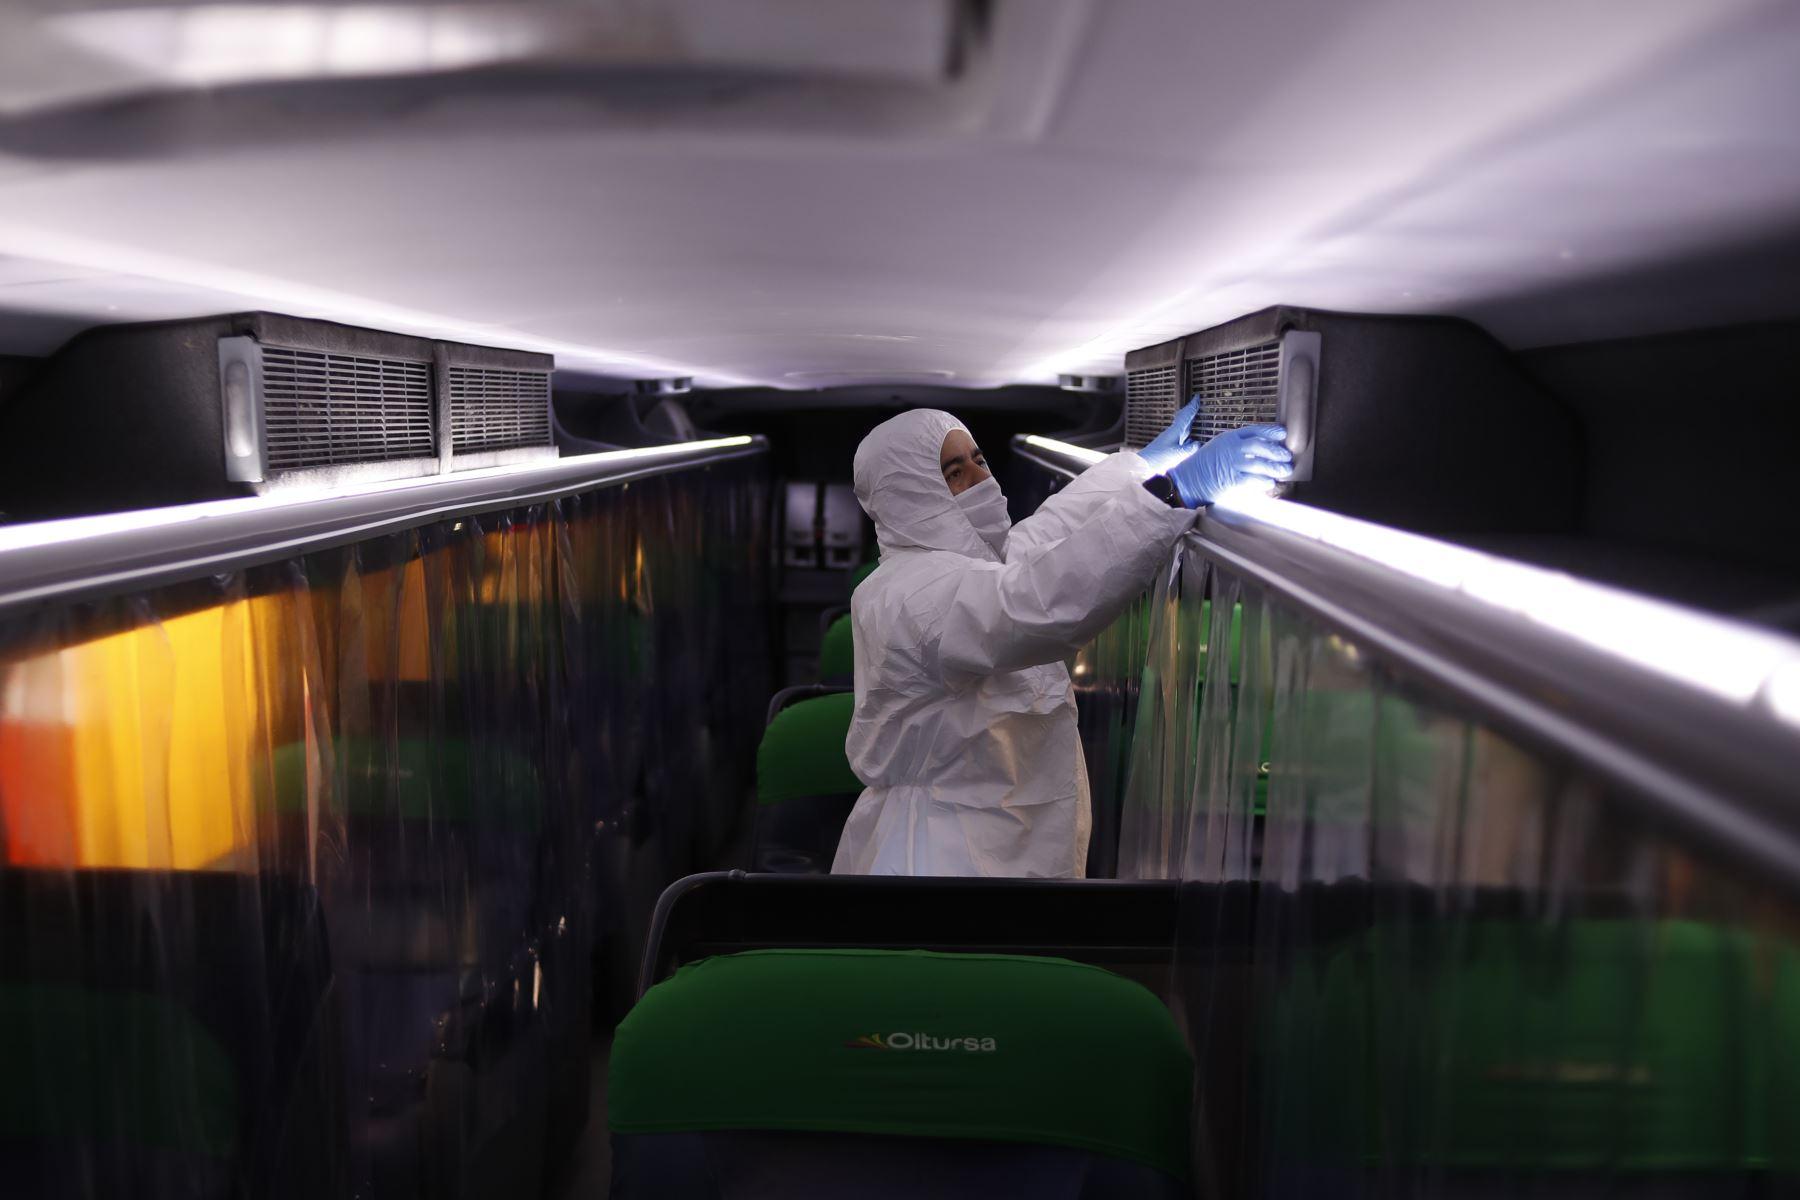 """Empresa de transporte interprovincial """"Oltursa"""" presenta protocolos de bioseguridad que aplicará al realizar sus viajes al interior del país durante estado de emergencia por coronavirus covid-19. Los buses contarán con filtros de aire.Foto: ANDINA/Renato Pajuelo"""